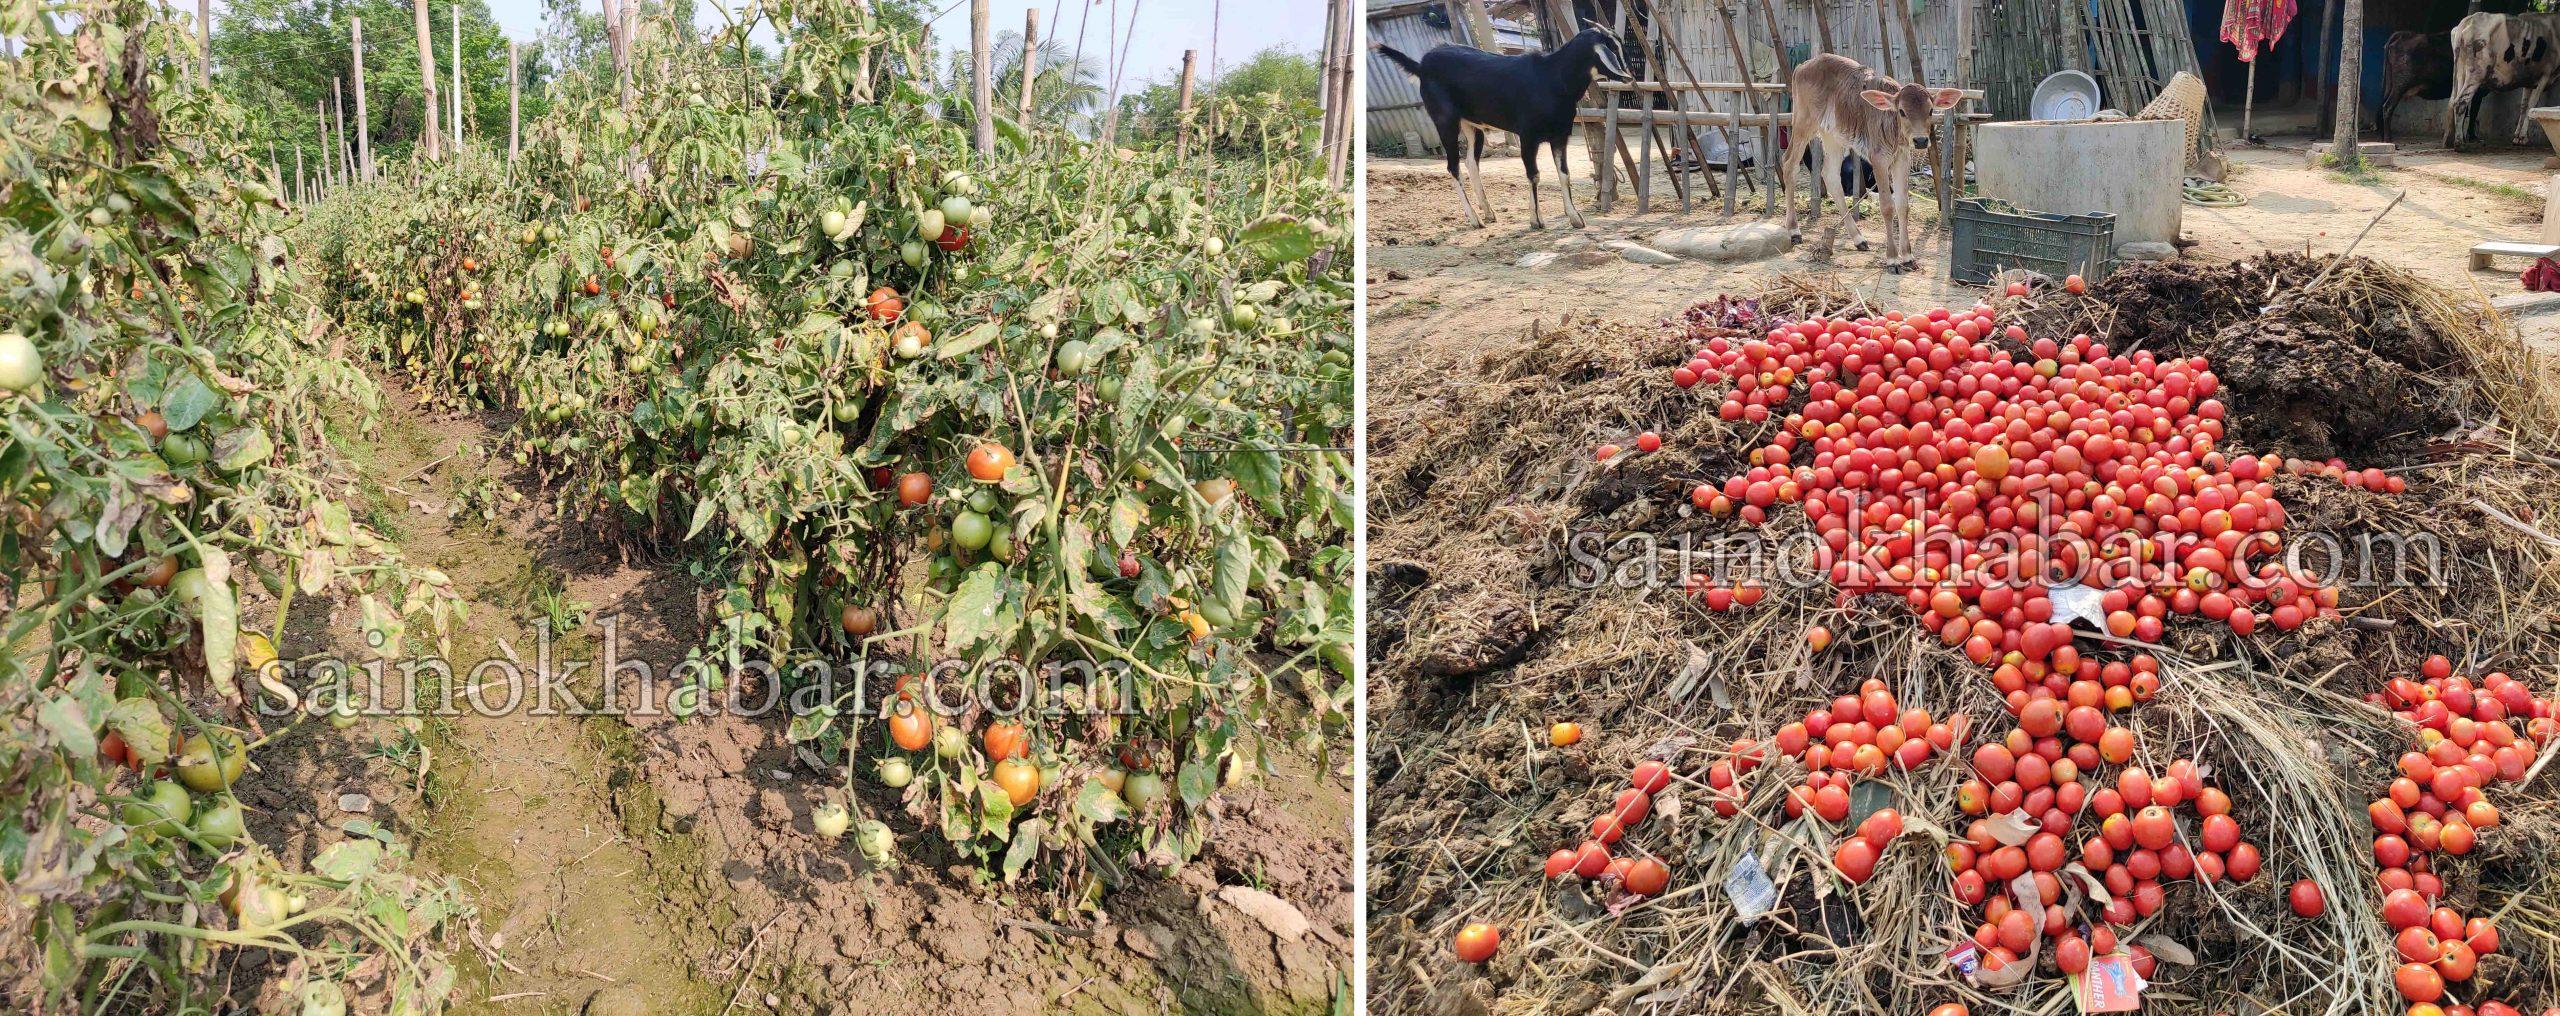 लकडाउनले बारीमै कुहियो टमाटर, मलखाडीमा फाल्न बाध्य किसानहरू